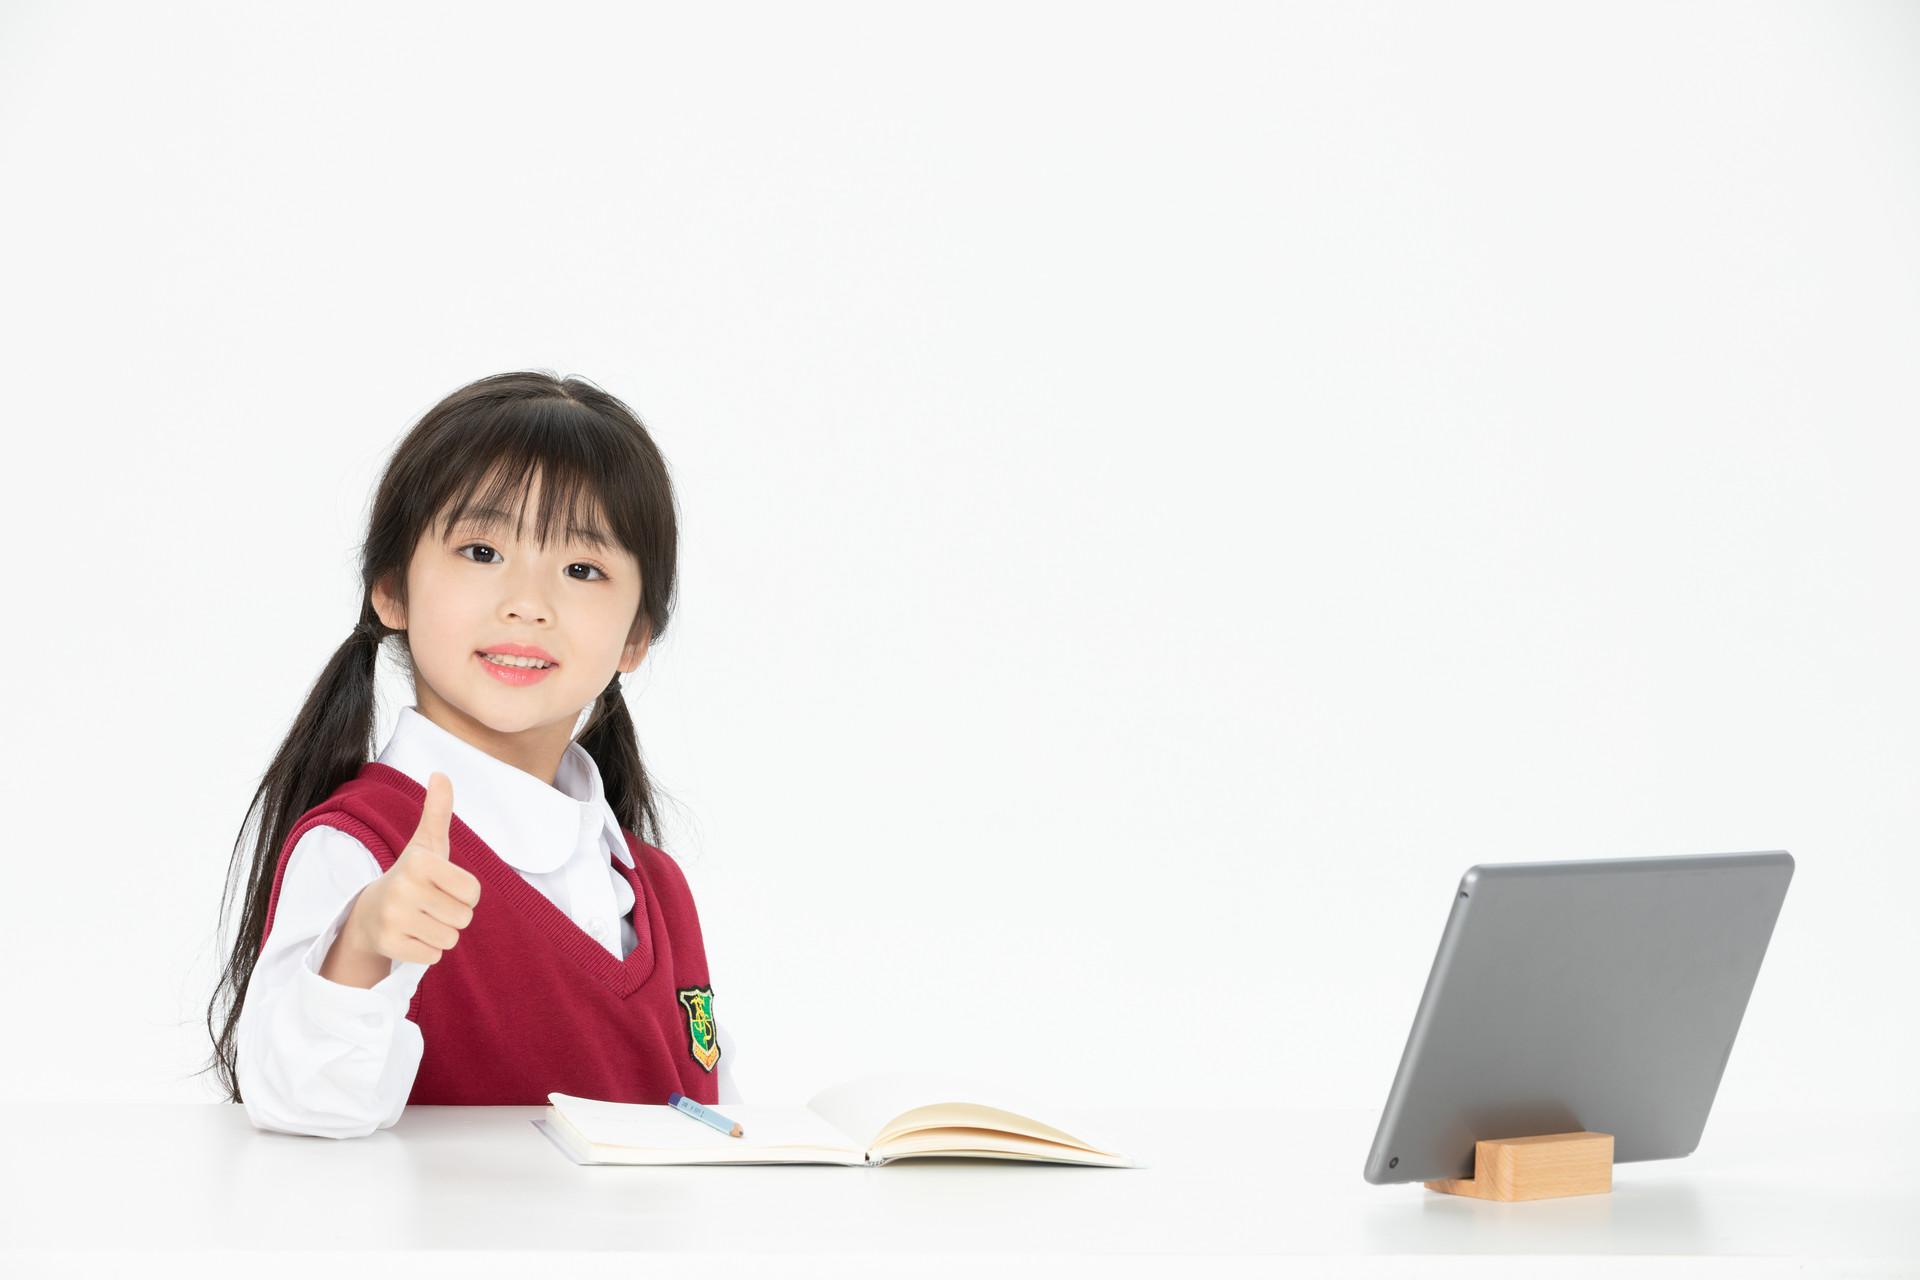 秦皇岛奥赛编程培训